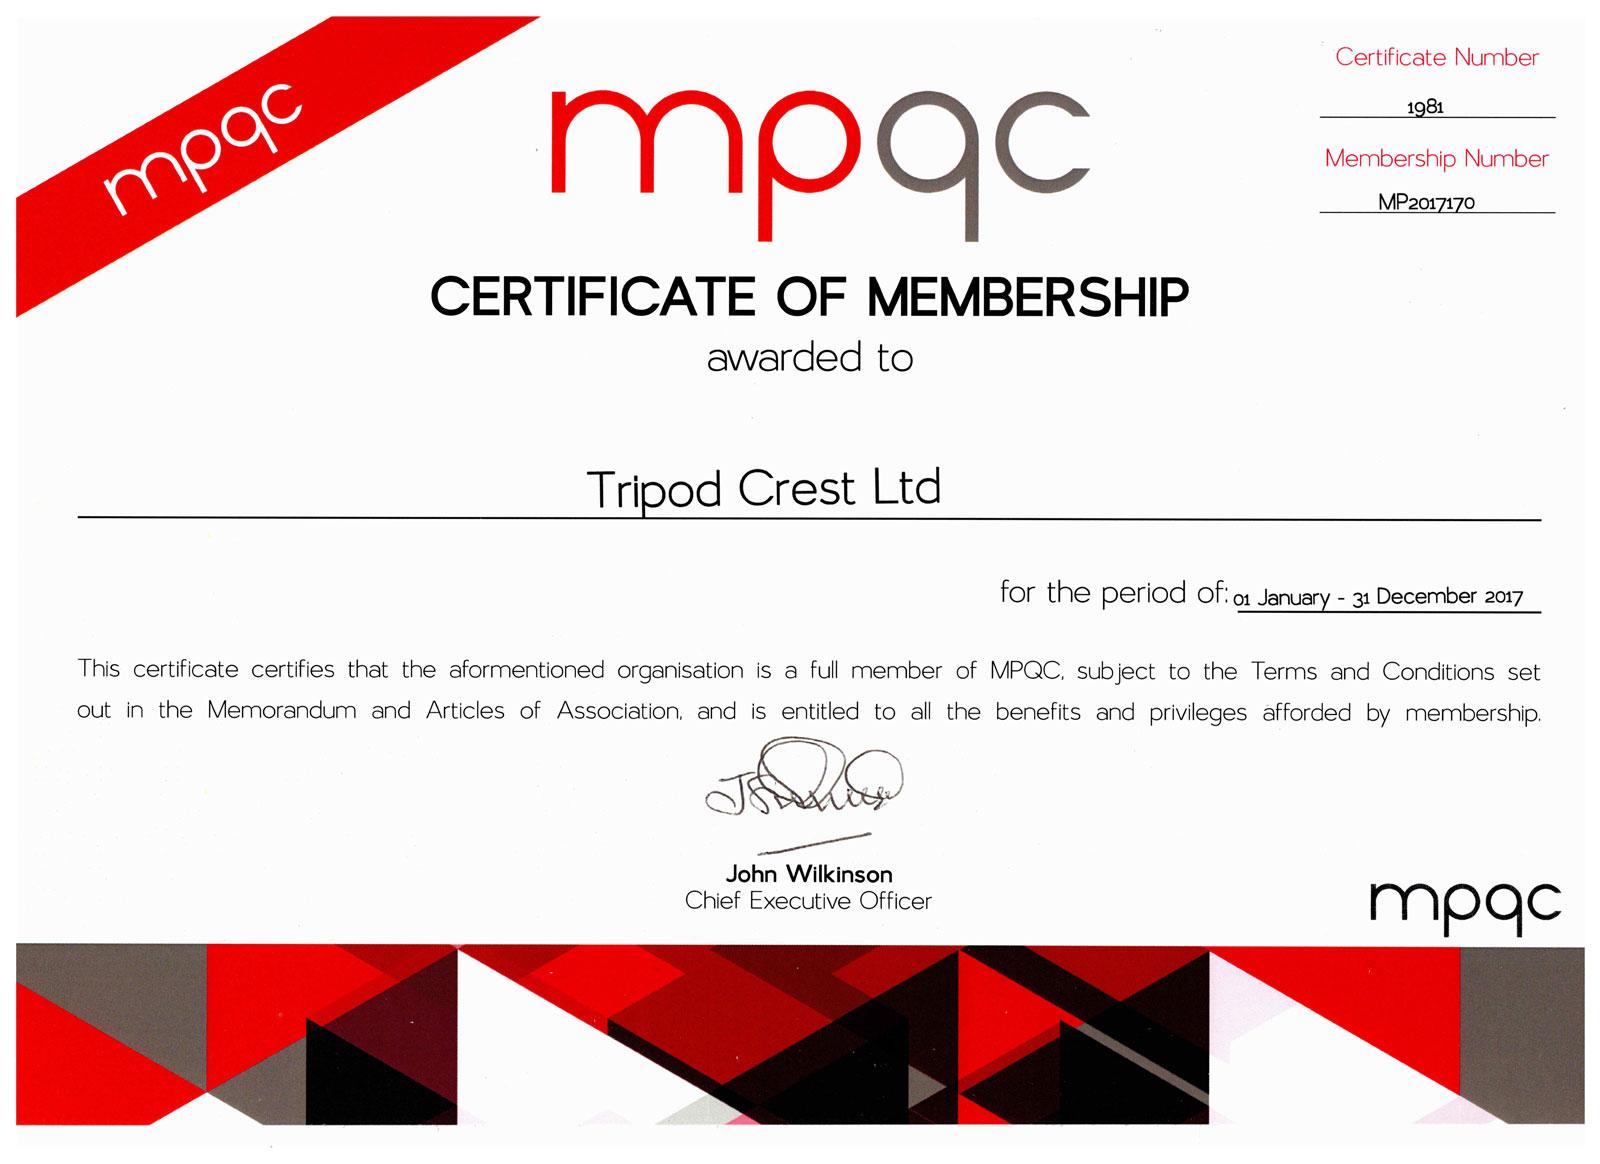 Mpqc Membership Certificate Exp 311217 1 Tripod Crest